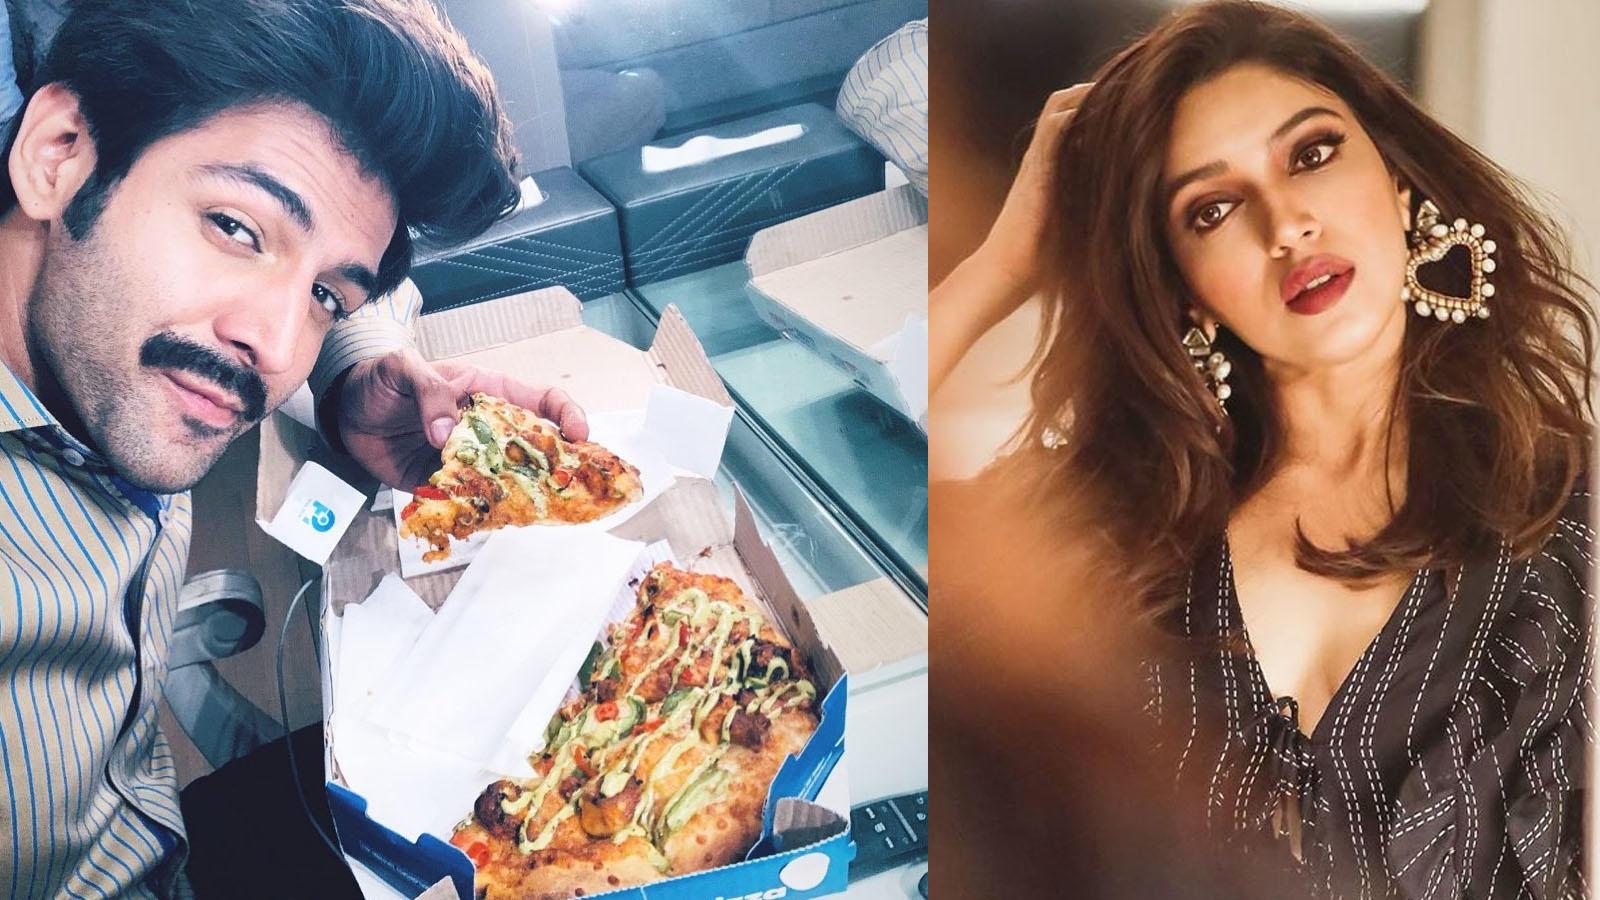 'When Patni wants foodie Pati to look fit': Kartik Aaryan savours pizza sent by reel-wife Bhumi Pednekar